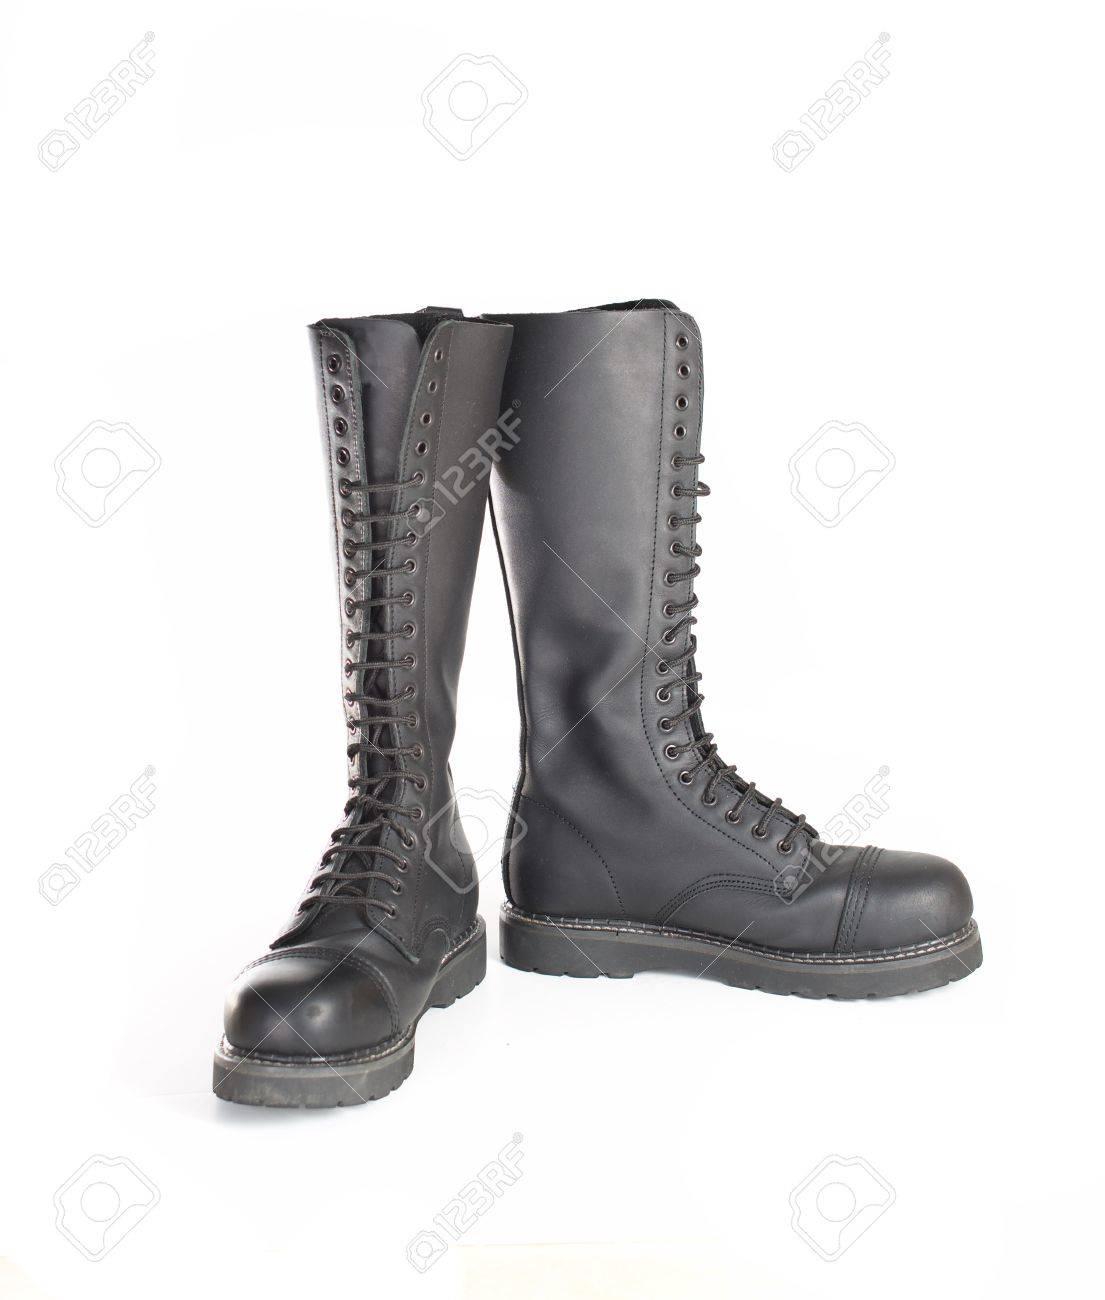 de067d33 Nuevas botas altas con cordones de caña alta de cuero negro con 20 ojales y  acero de los pies. Botas de trabajo de combate Moda usado por hombres y ...